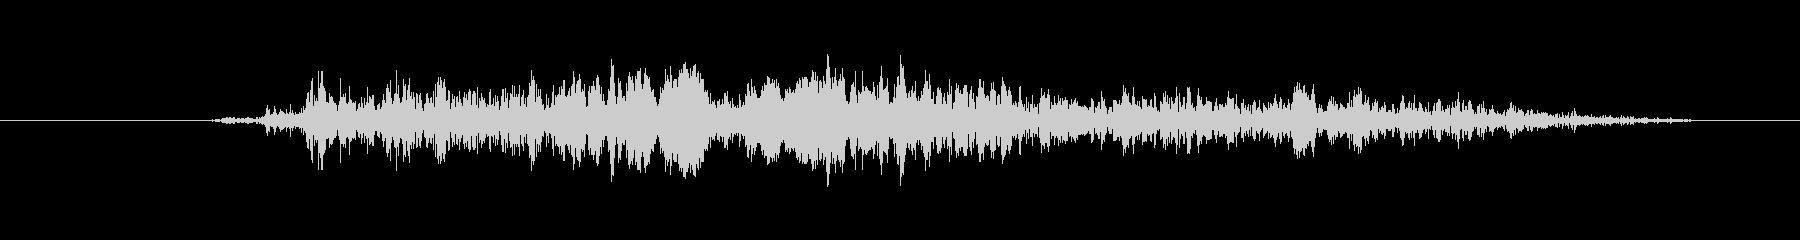 レプラコーン ガスプ01の未再生の波形